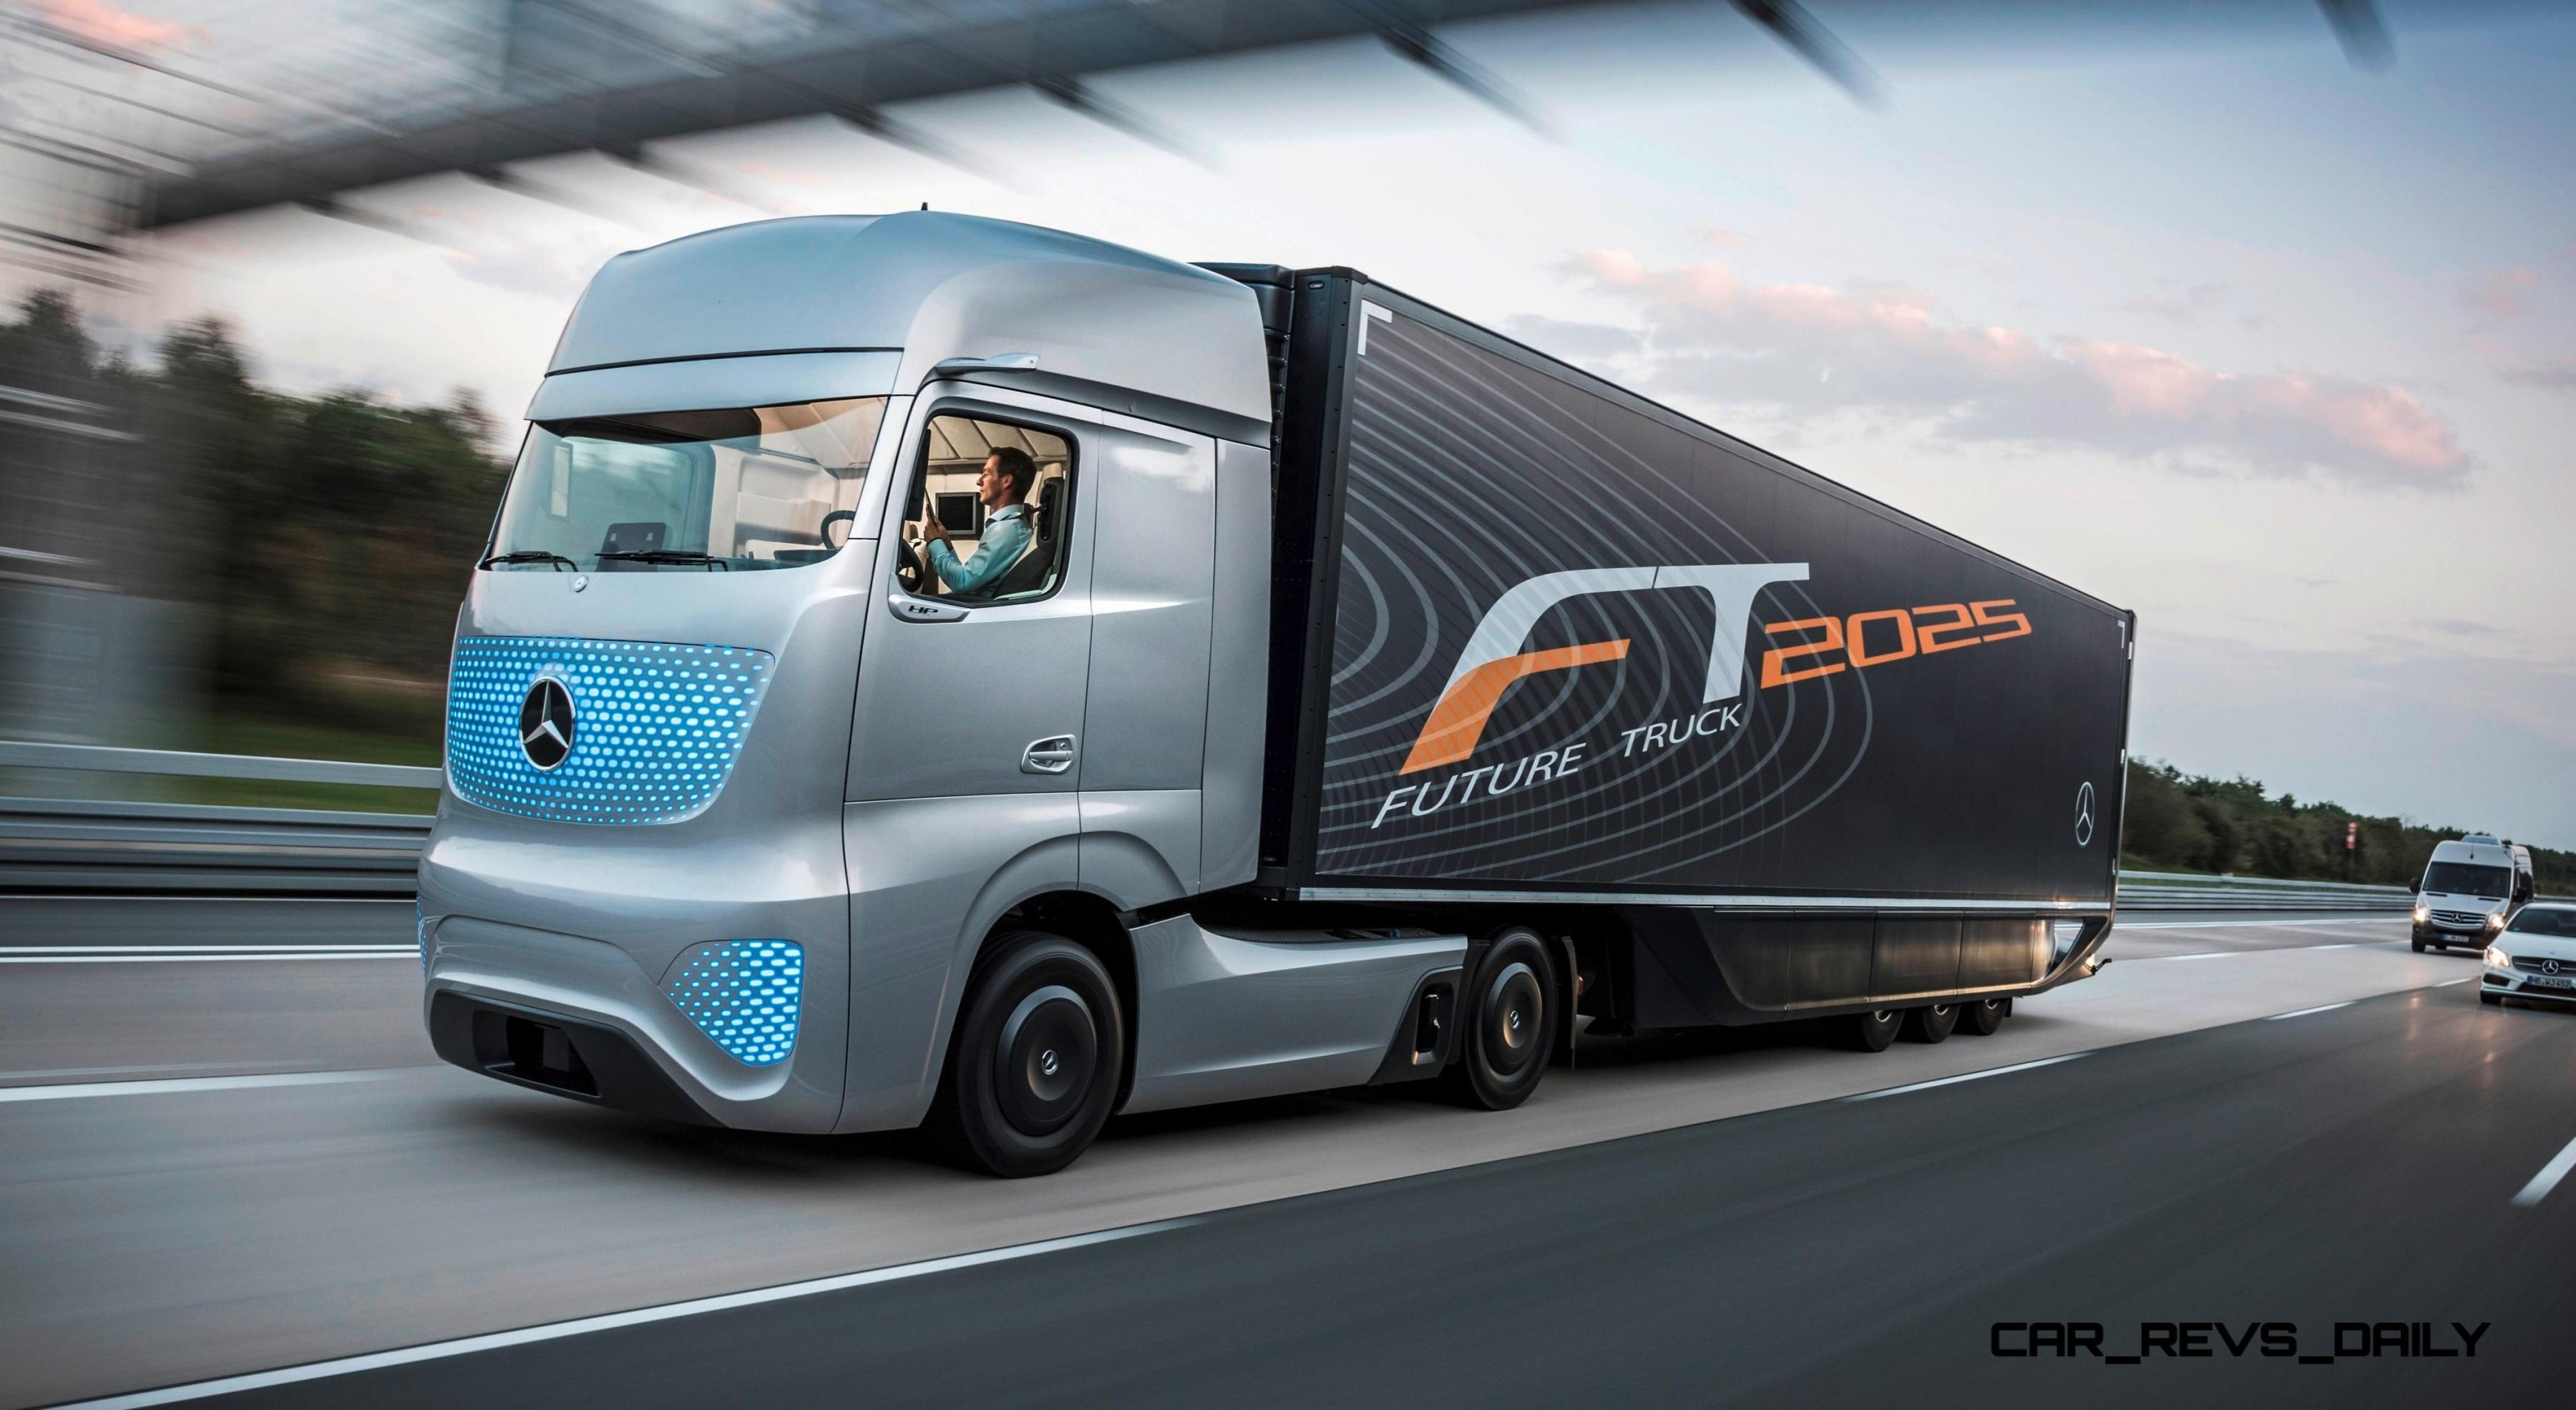 Mercedes-Benz FT2025 Is New Daimler Trucks Flagship